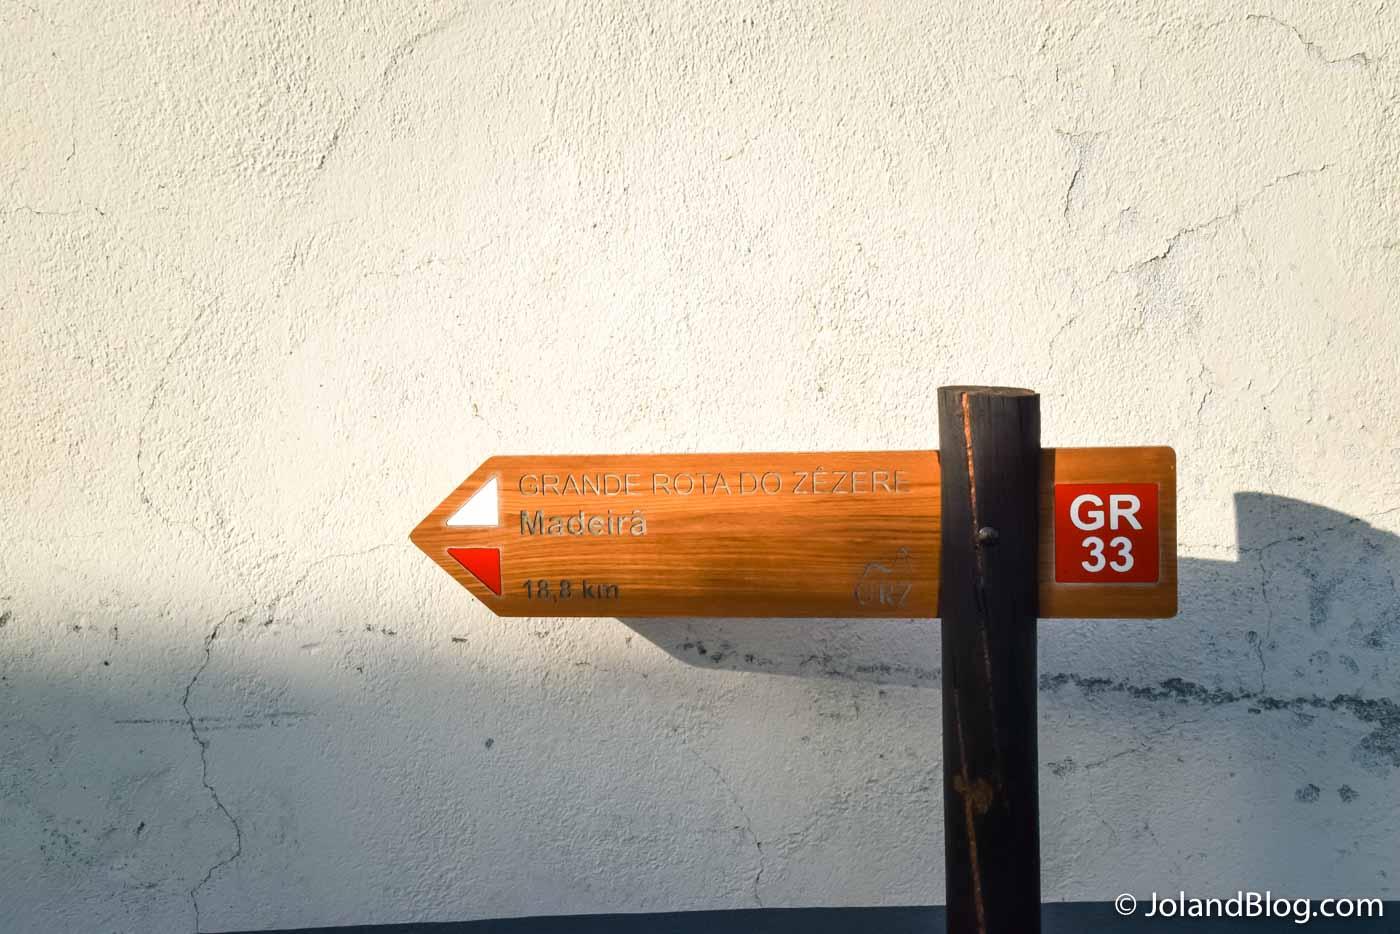 Percursos Pedestres da Beira Baixa